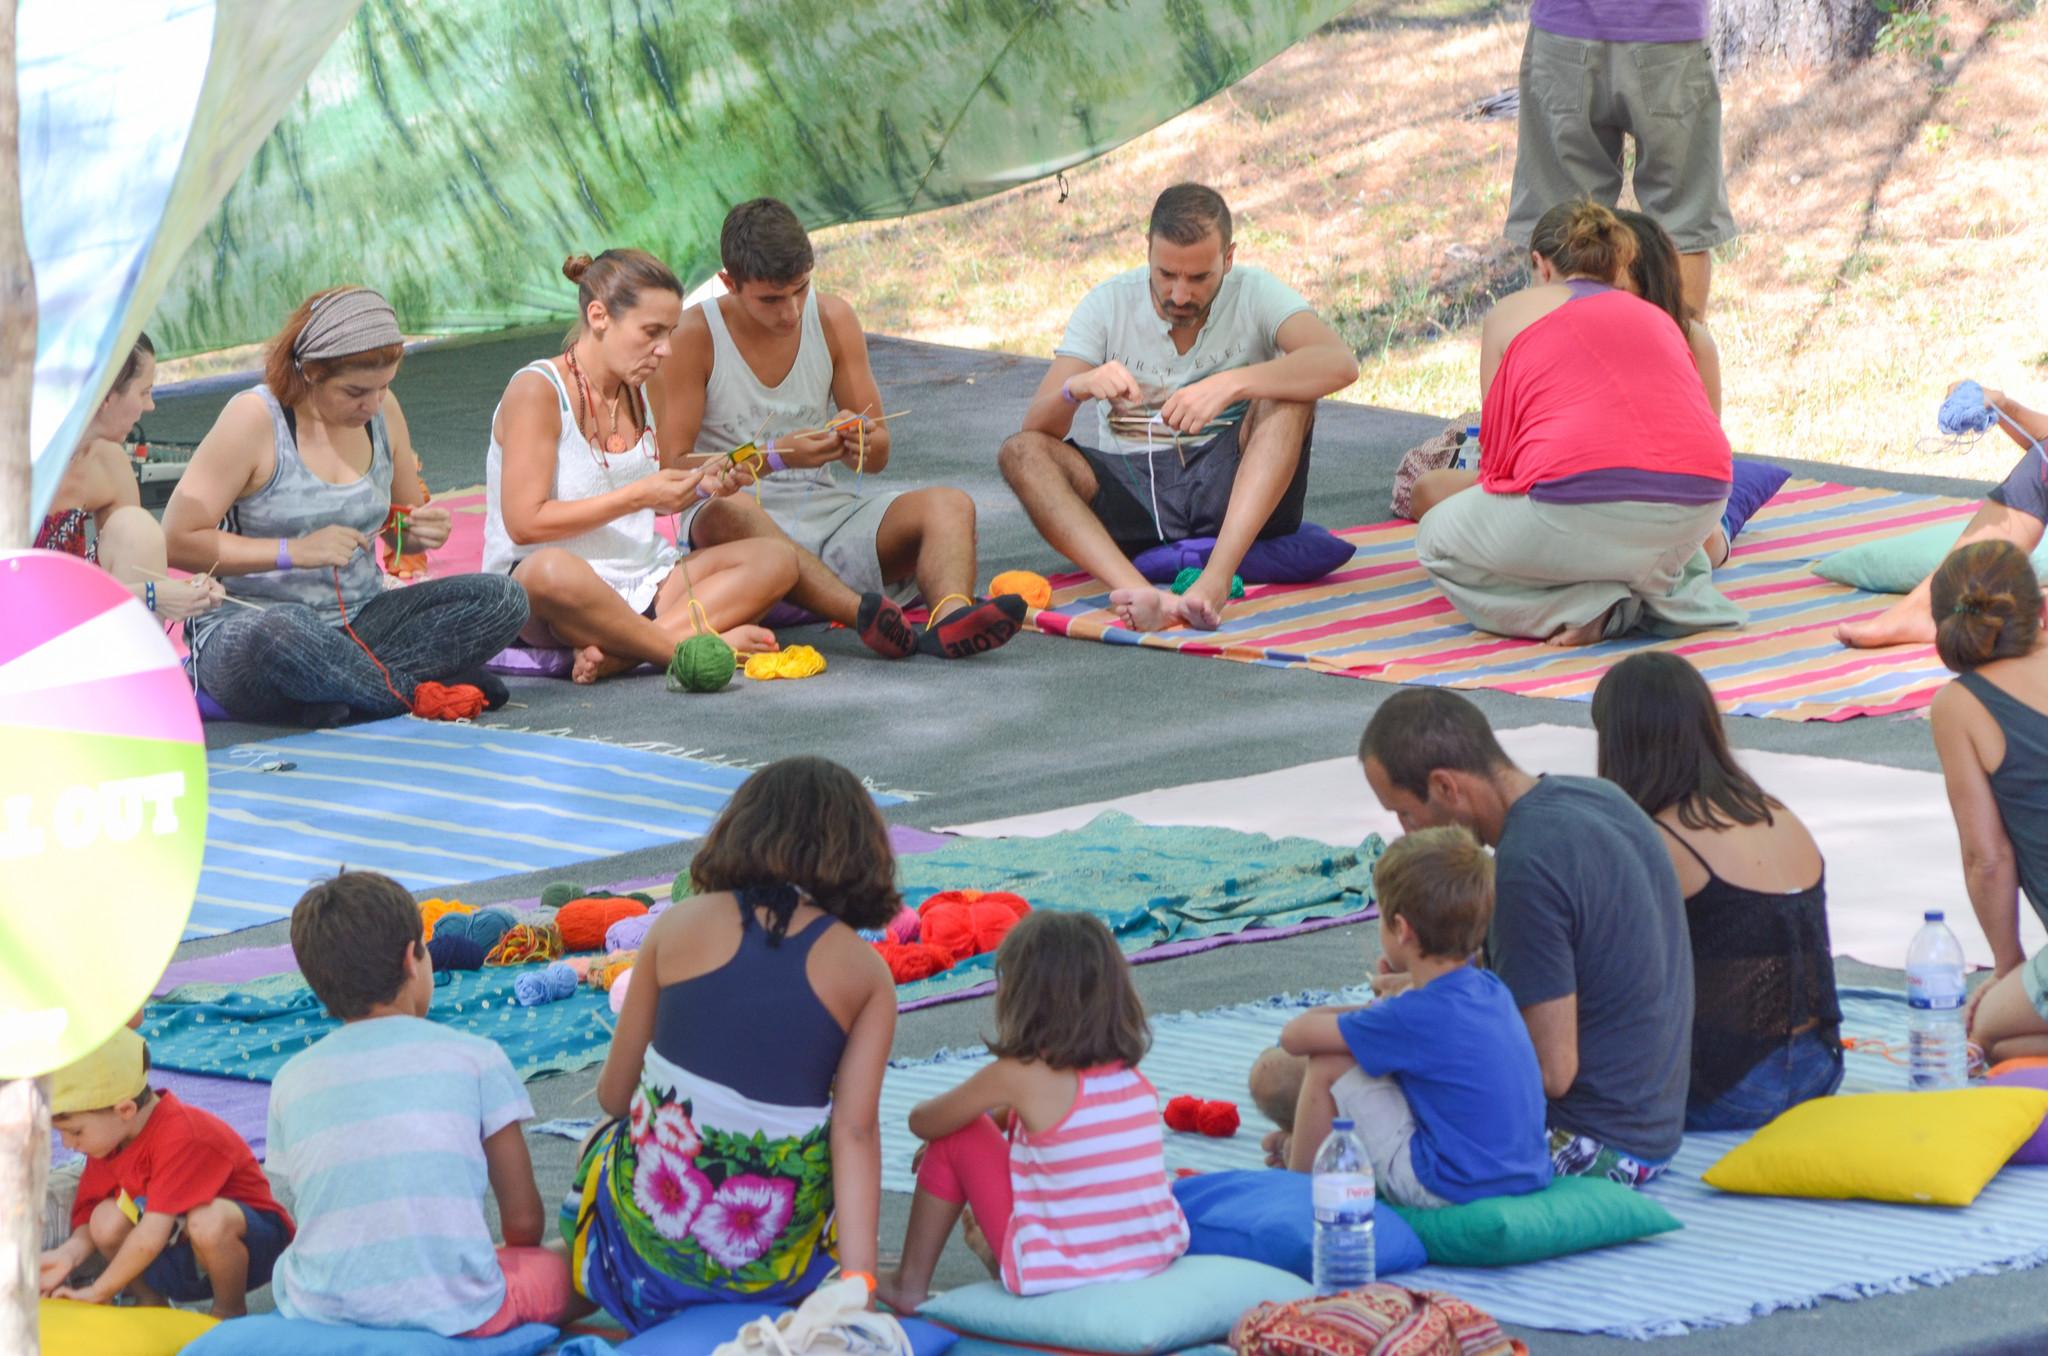 Festival zimp foto10.jpg